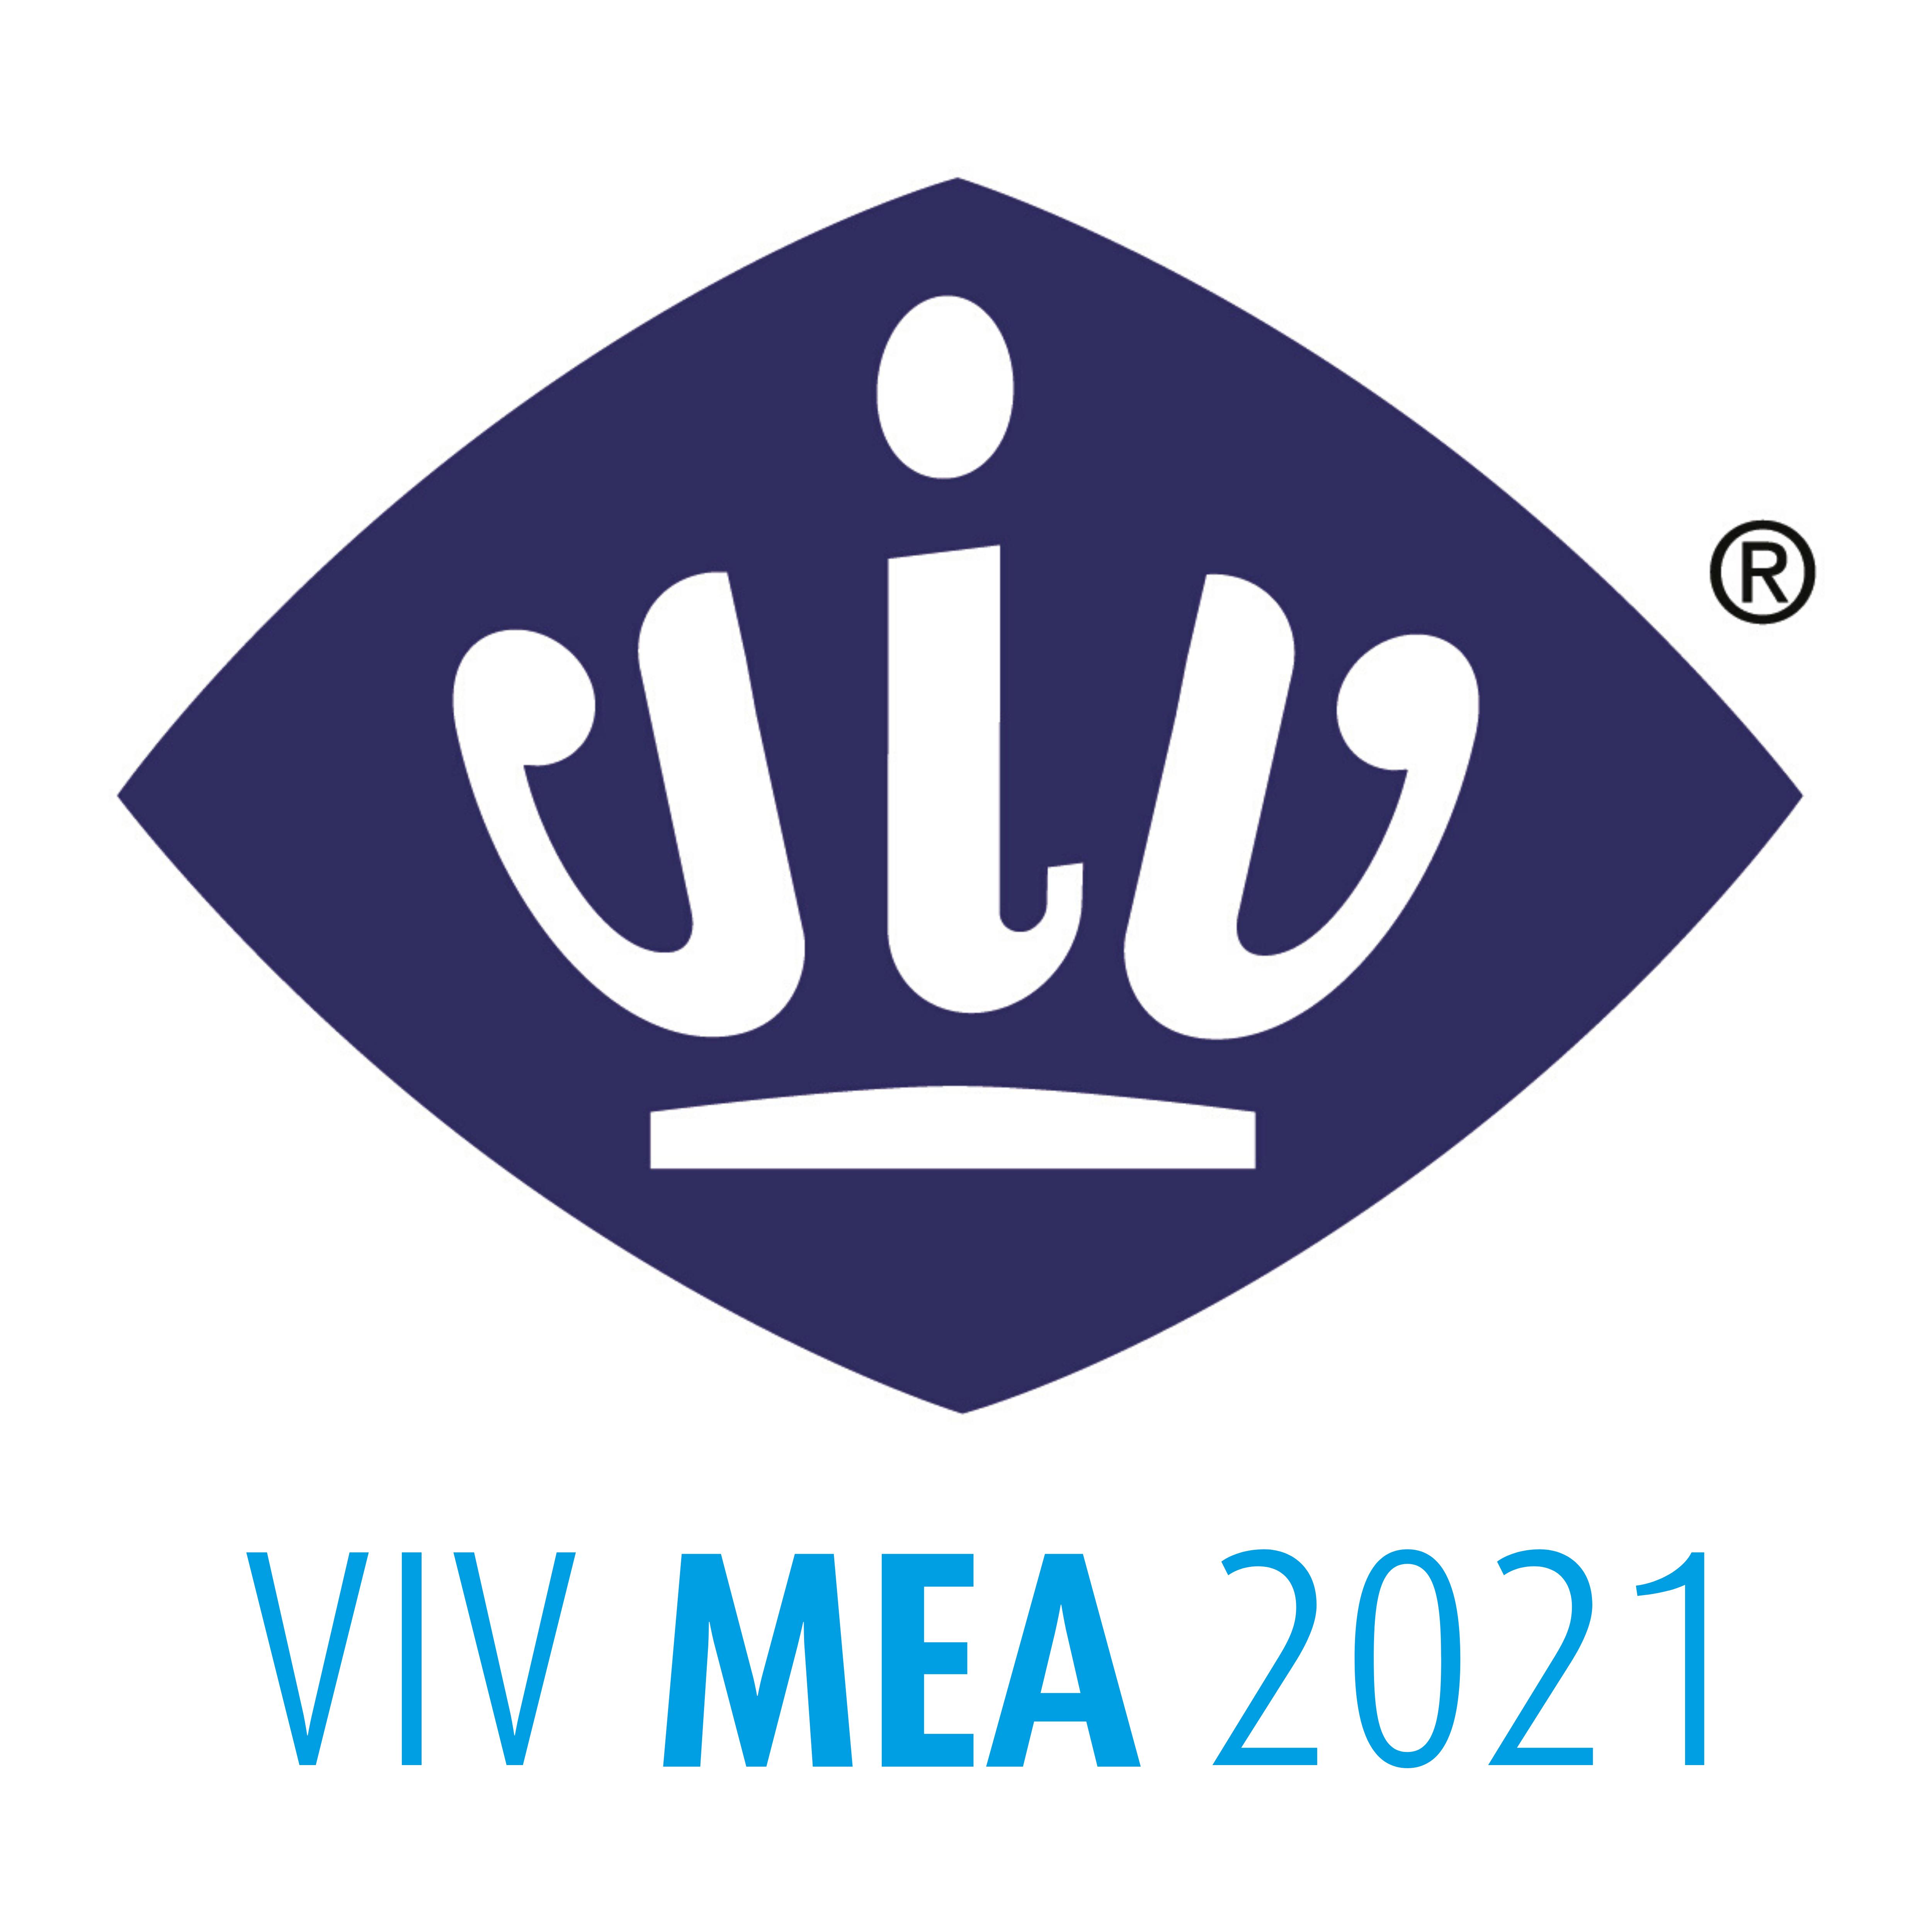 VIV MEA